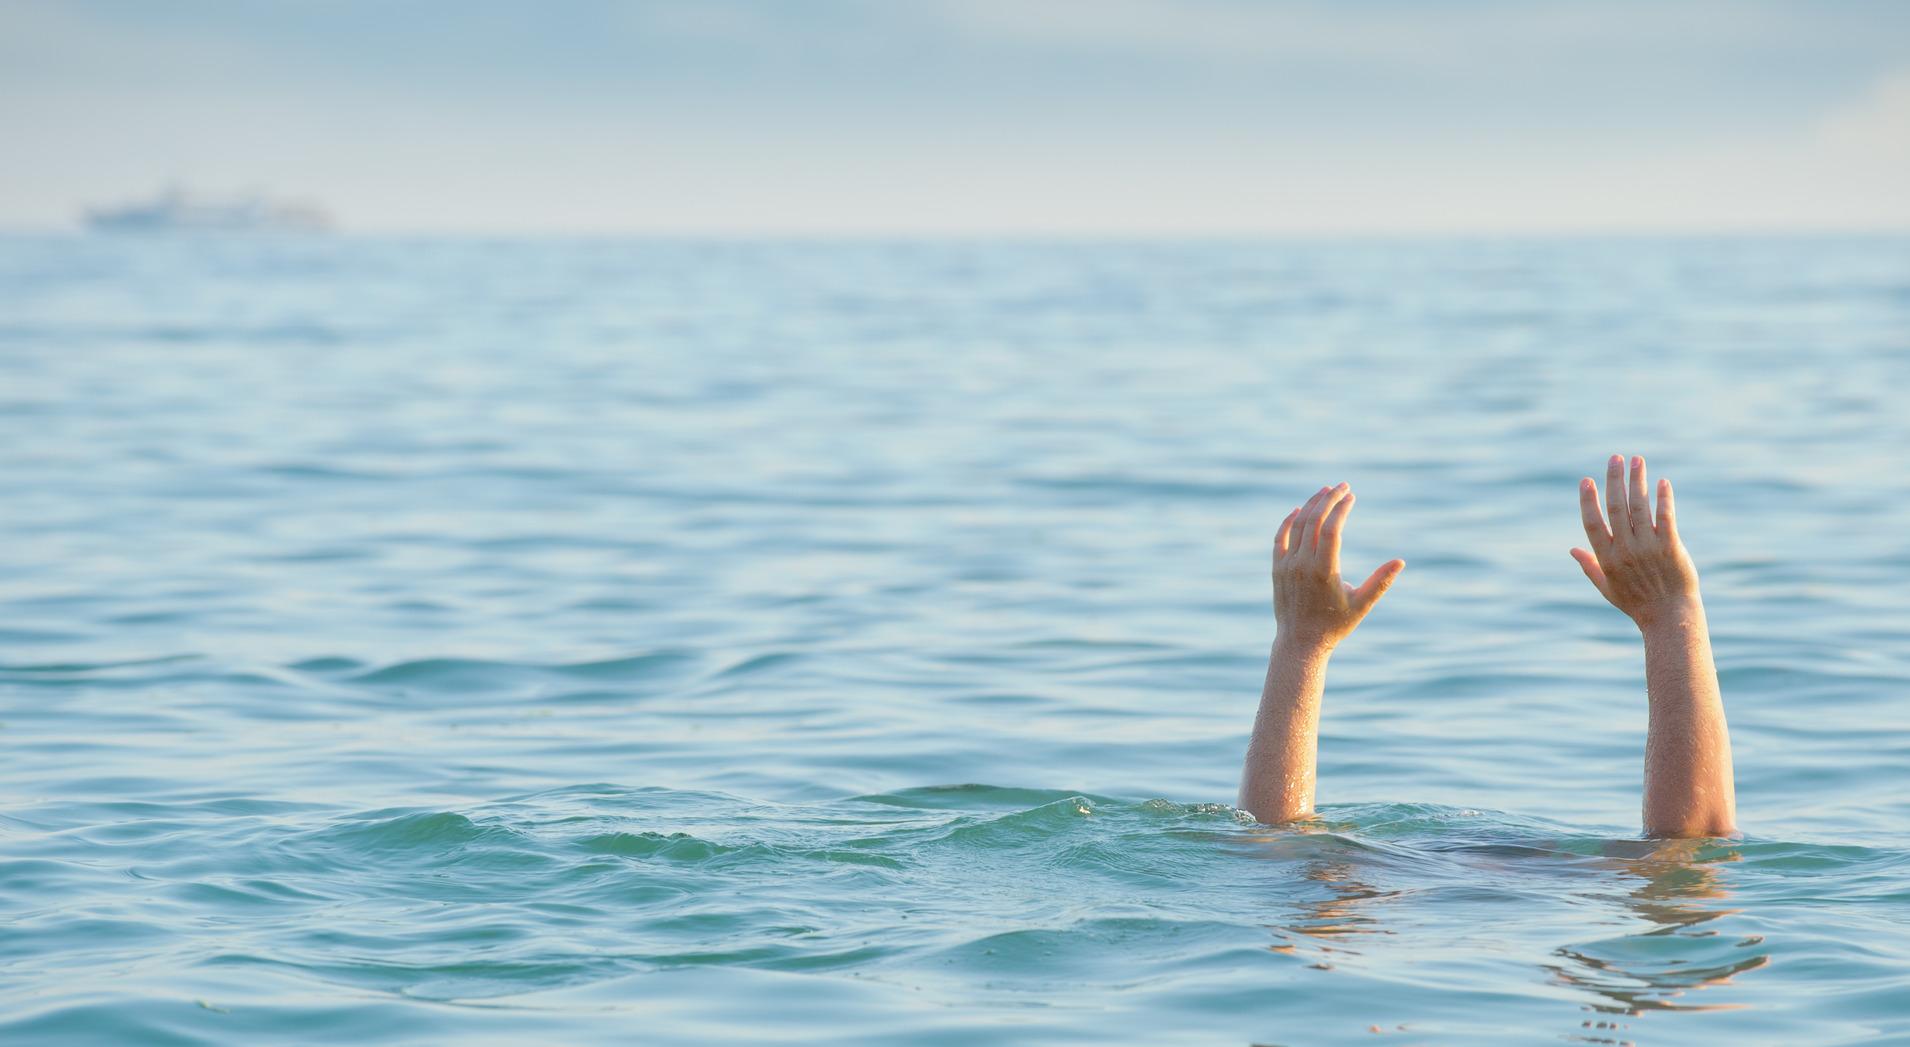 СЭРЭМЖЛҮҮЛЭГ: Төгсөх ангийн зургаан сурагч нууранд живж амиа алджээ